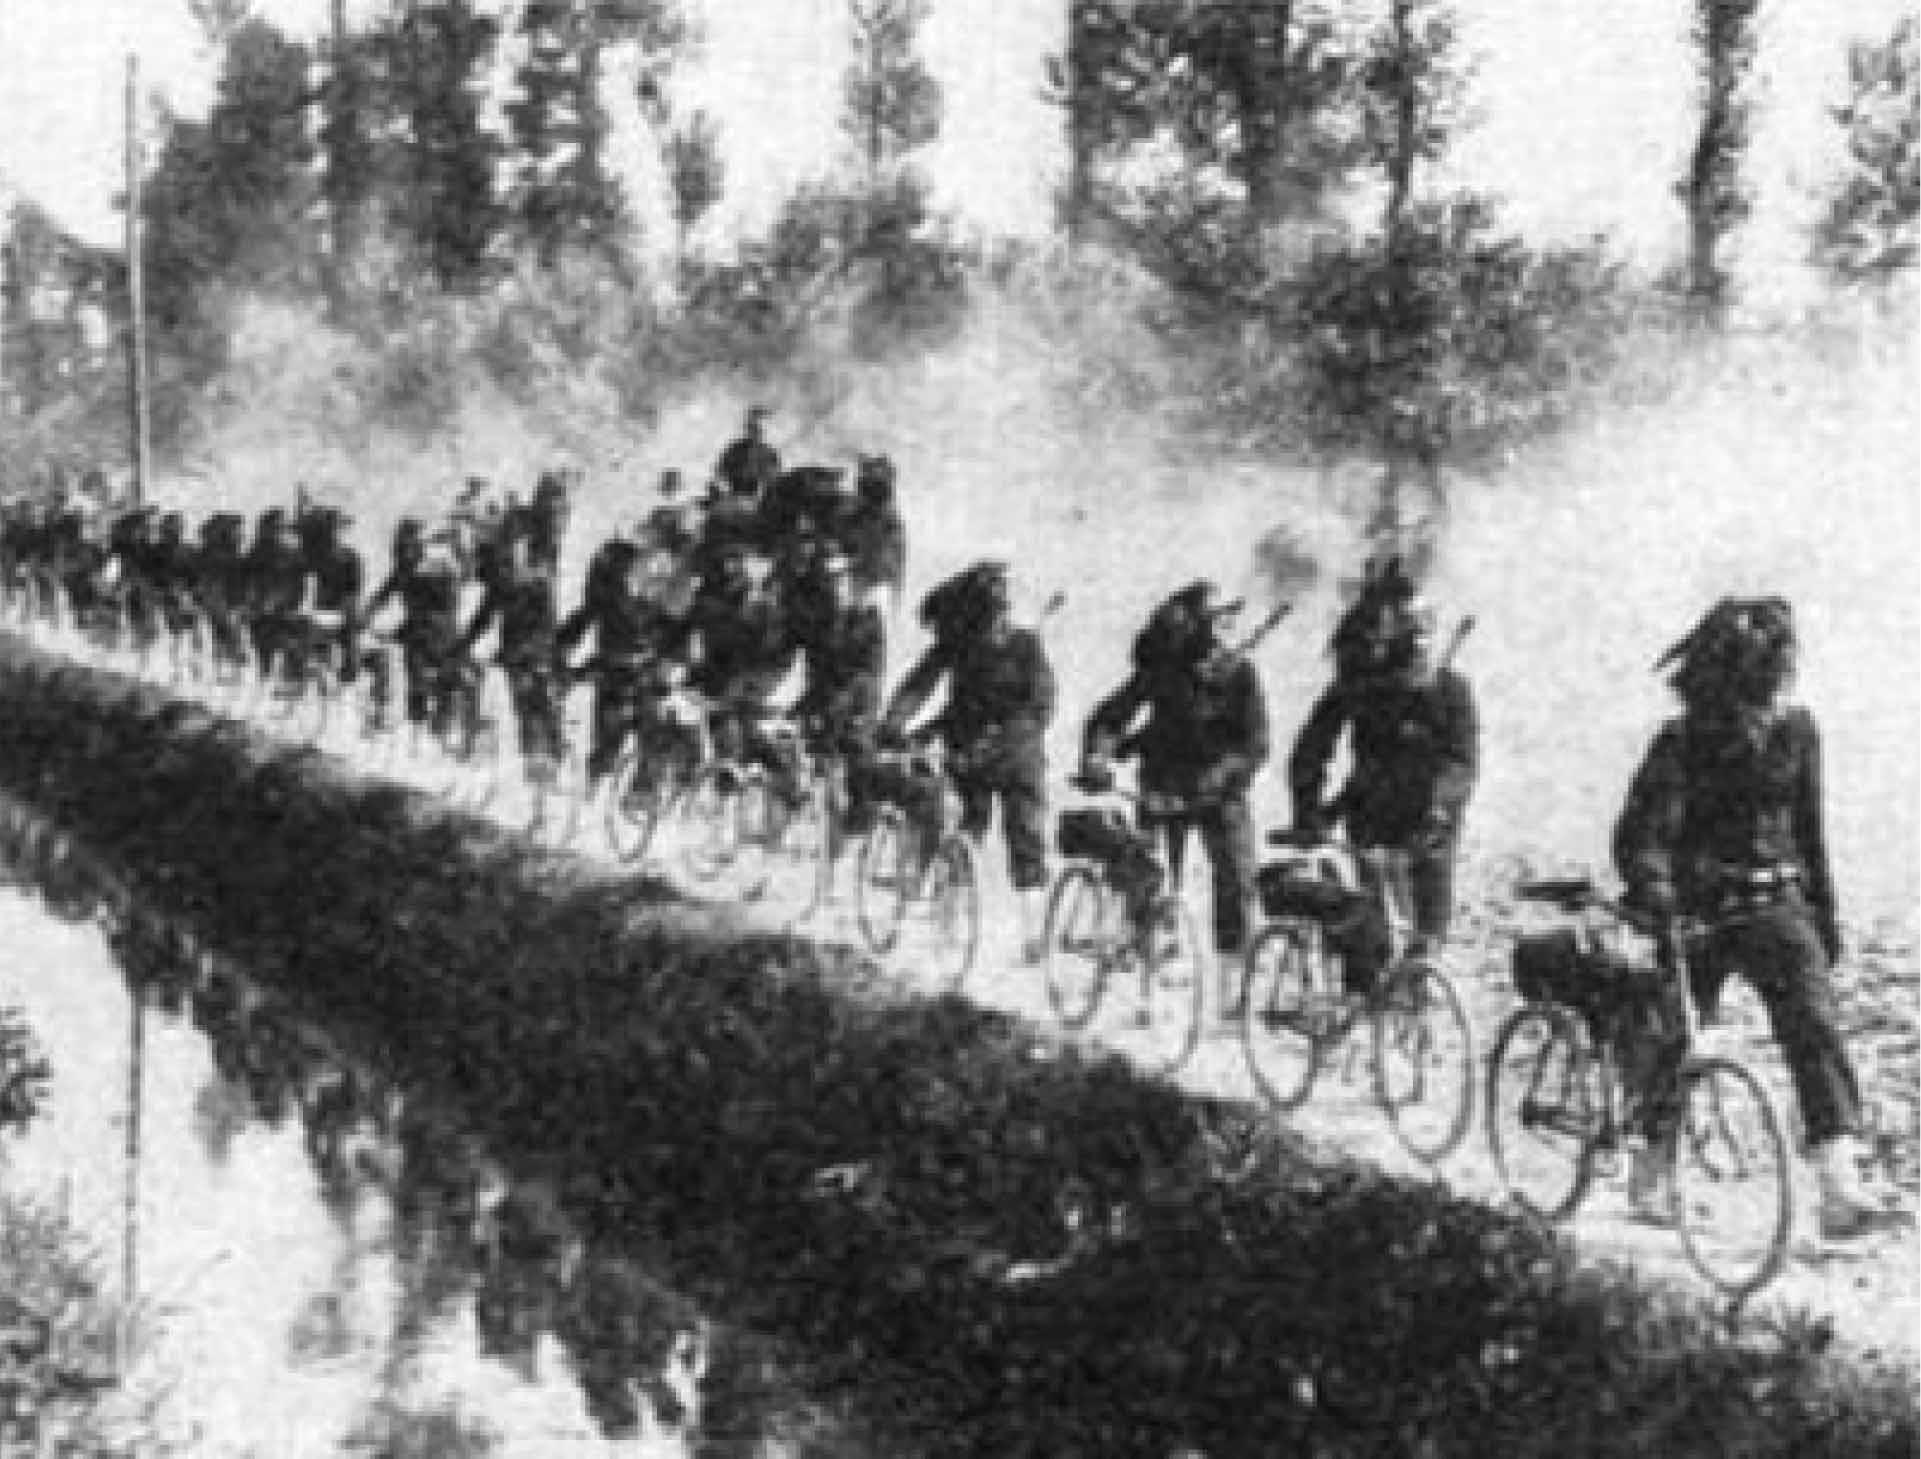 battaglione del caopitano Piroli